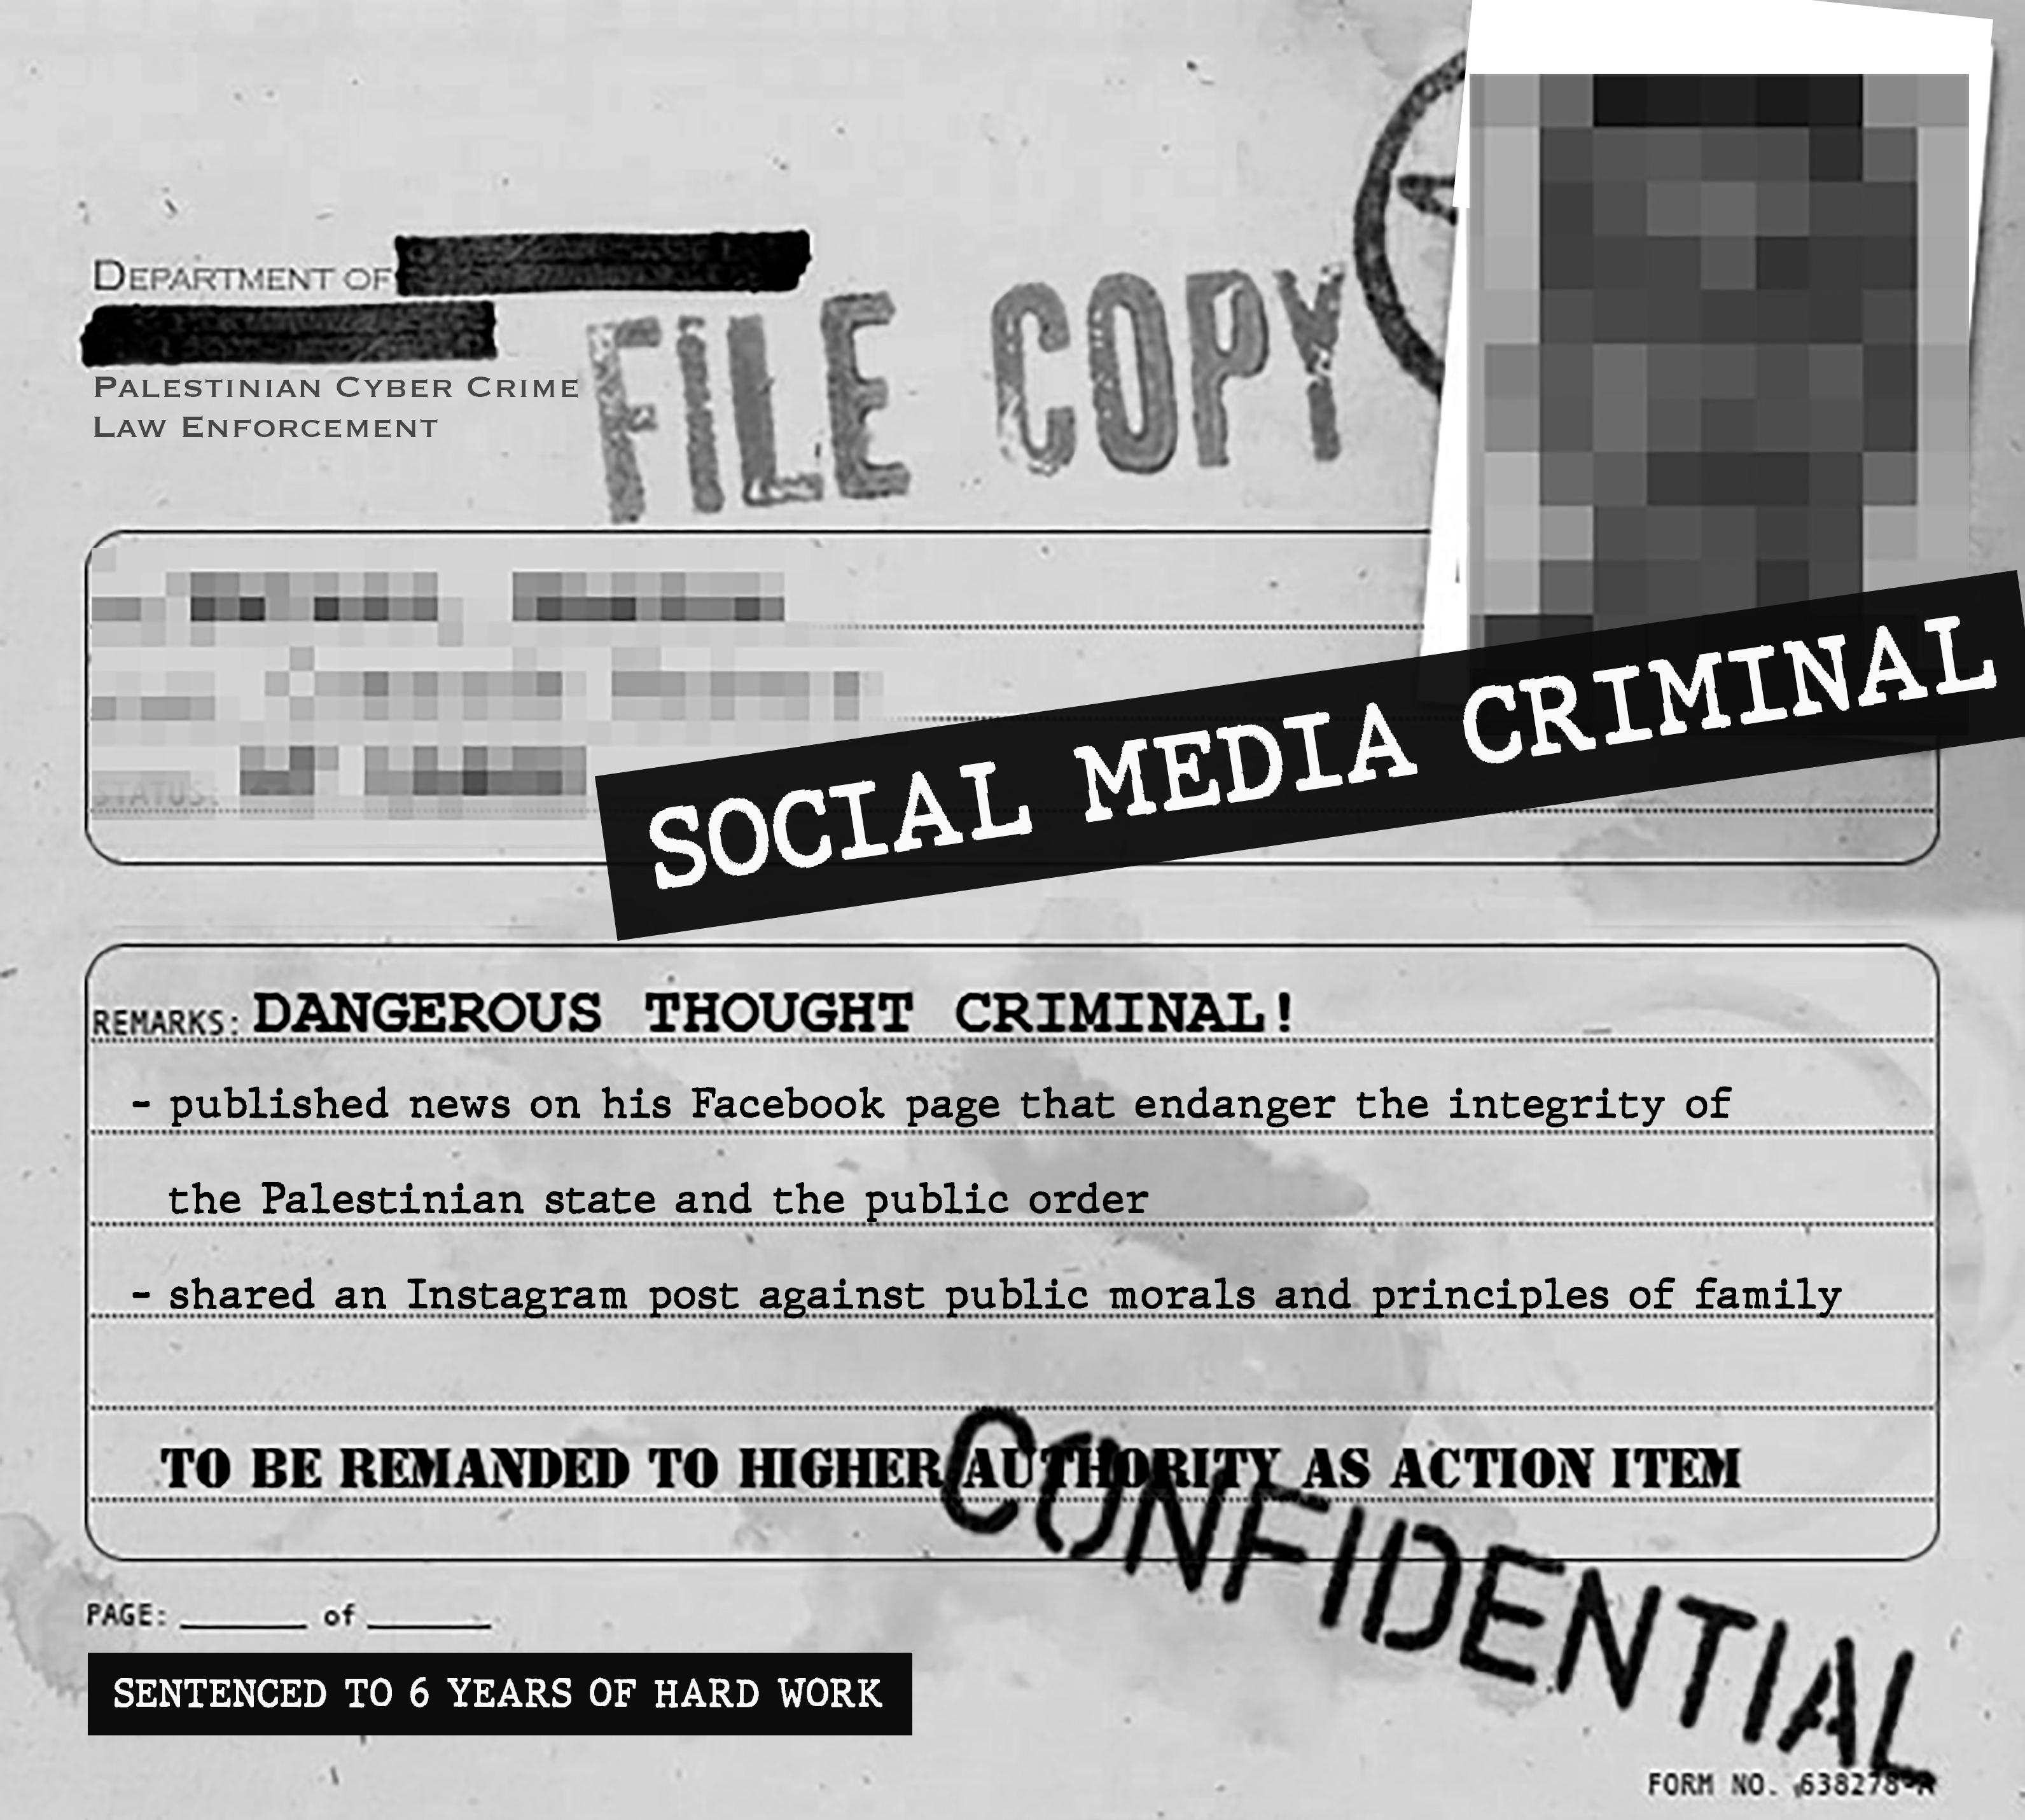 Hashtag Palestine: A disturbing case of digital state surveillance